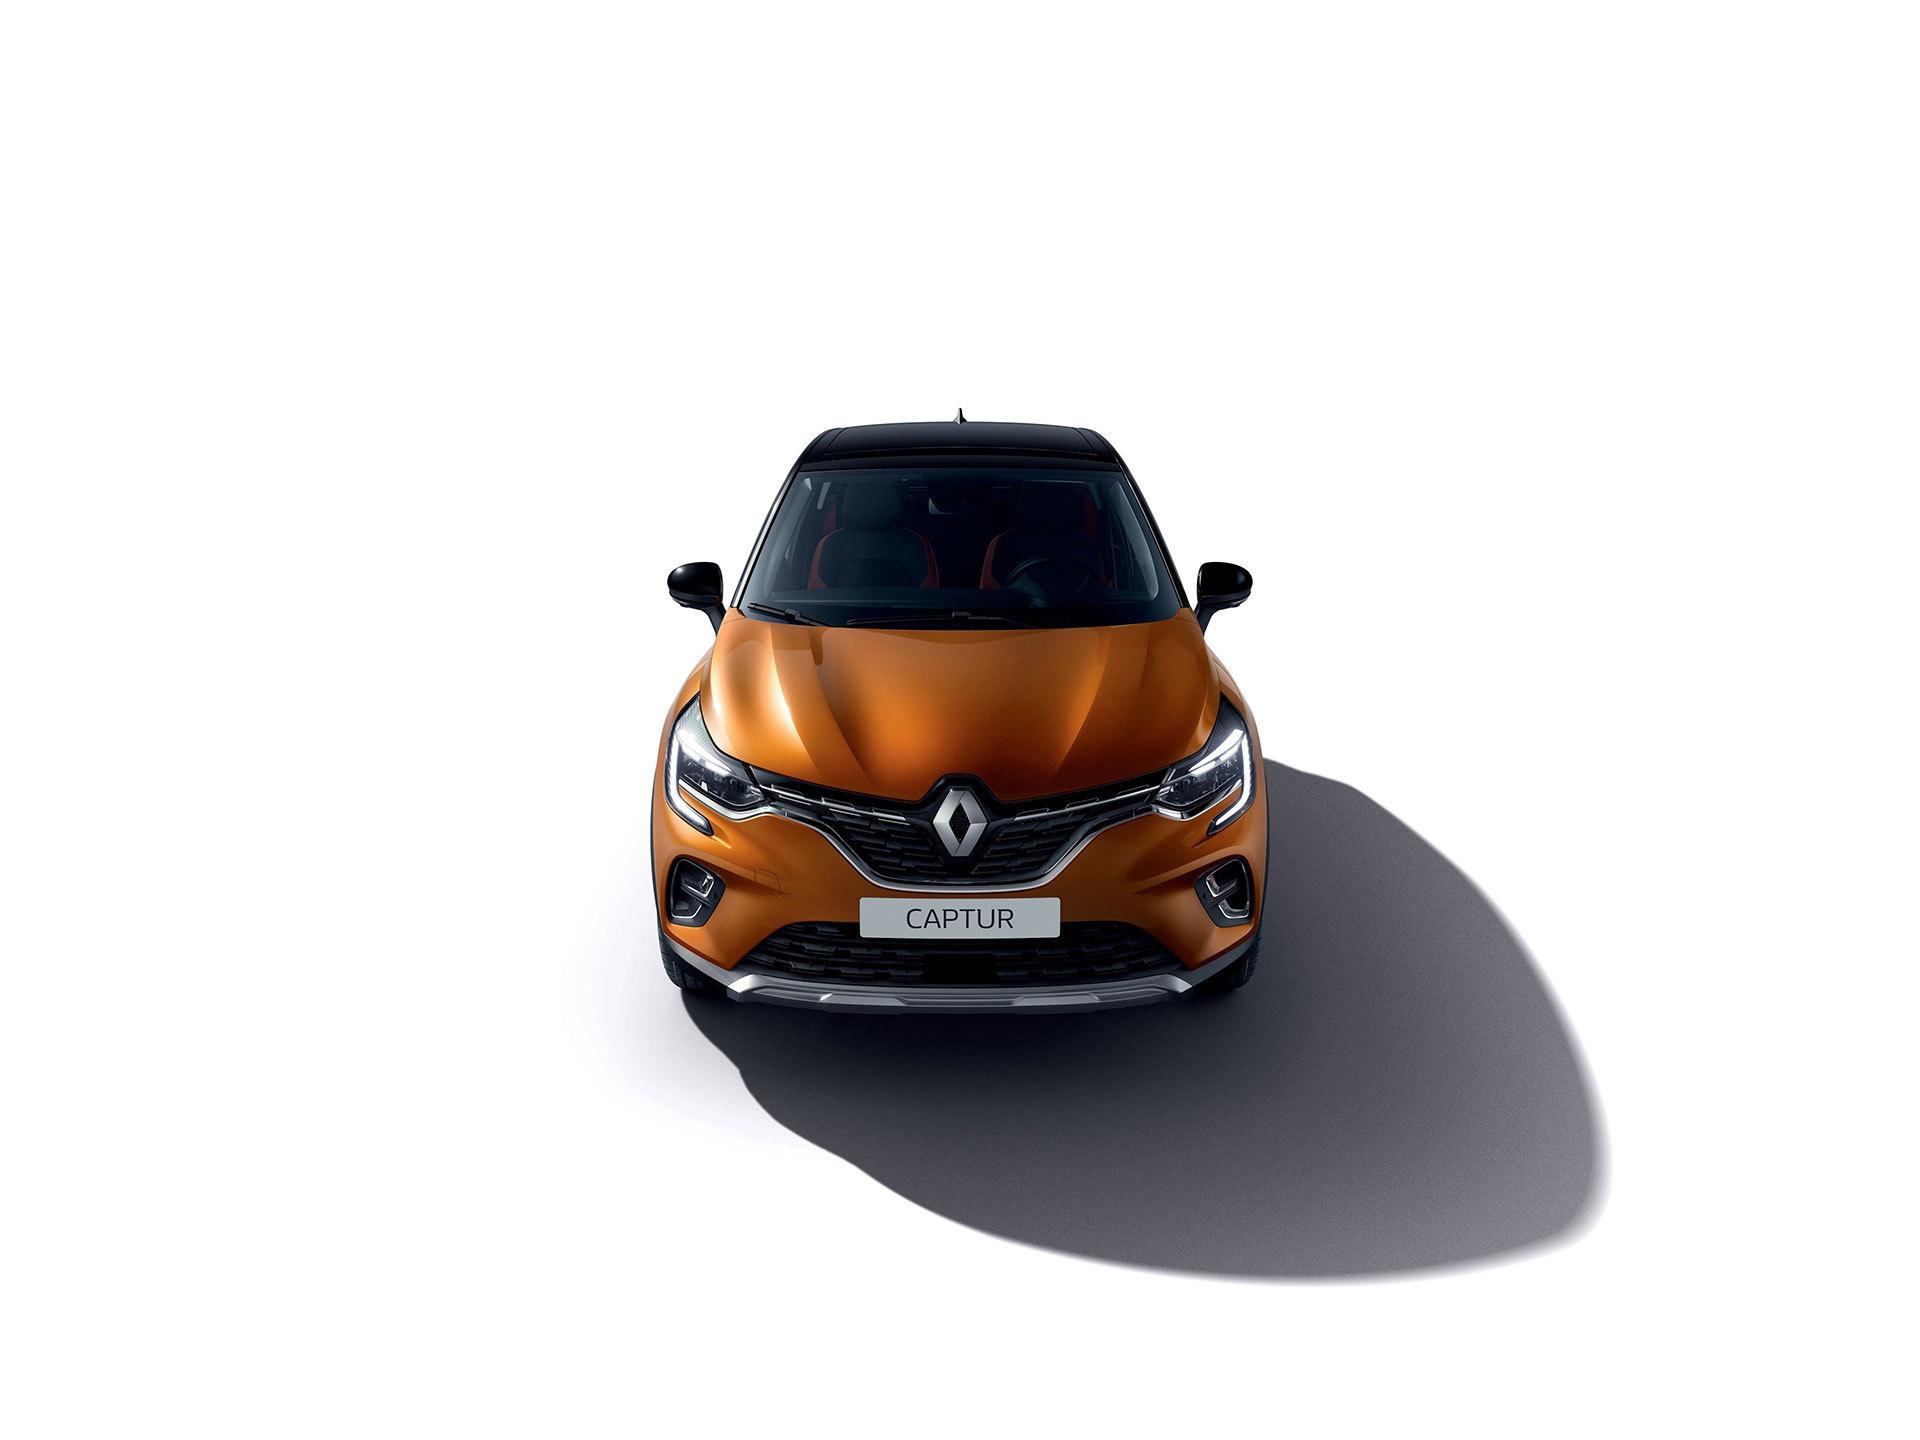 Renault Captur 2019 Naranja Atacama Exterior 01